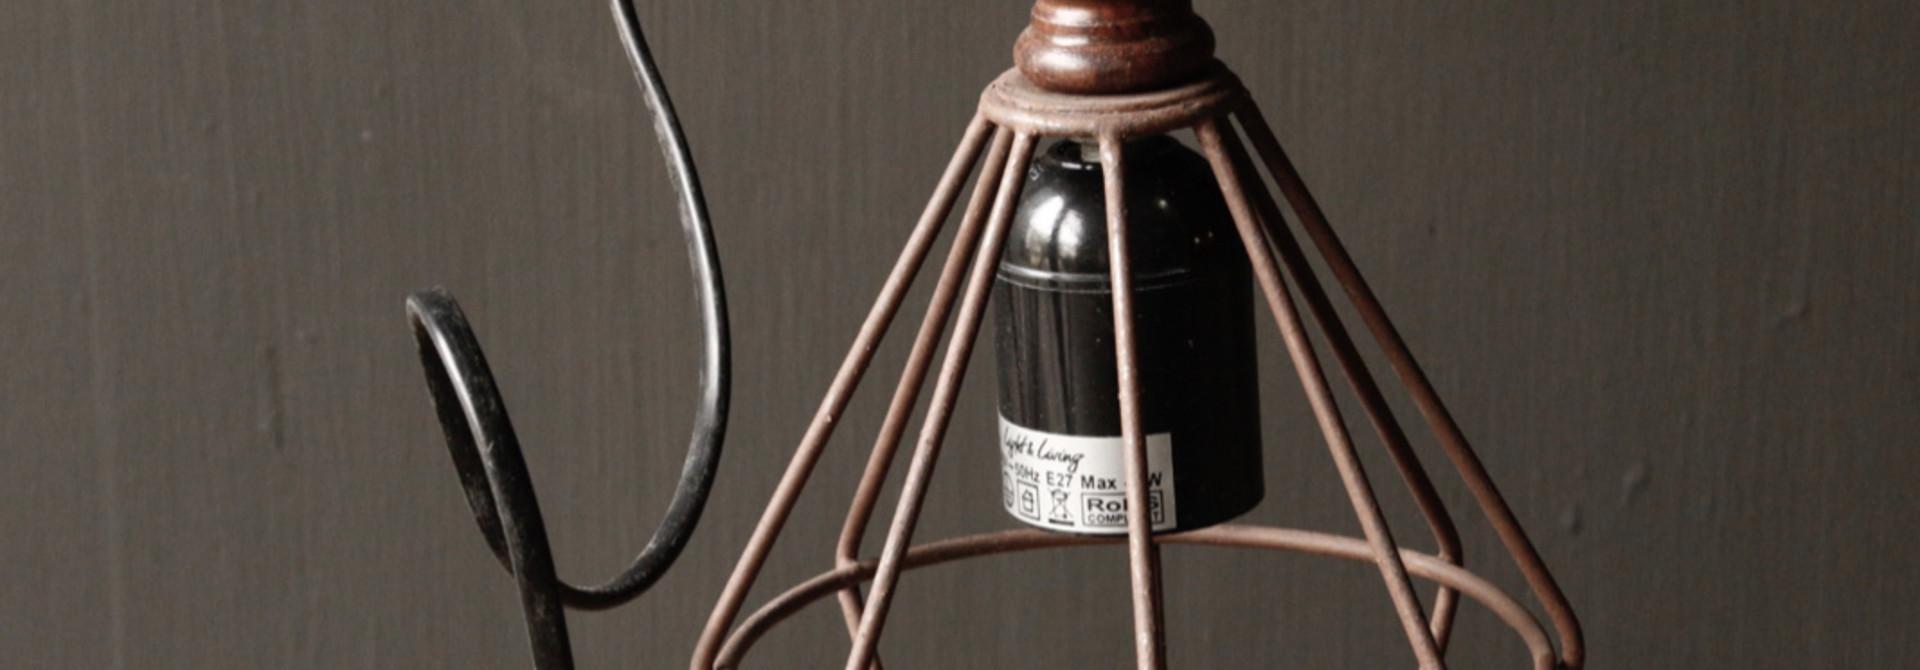 Ijzeren hanglampje met houten handvat